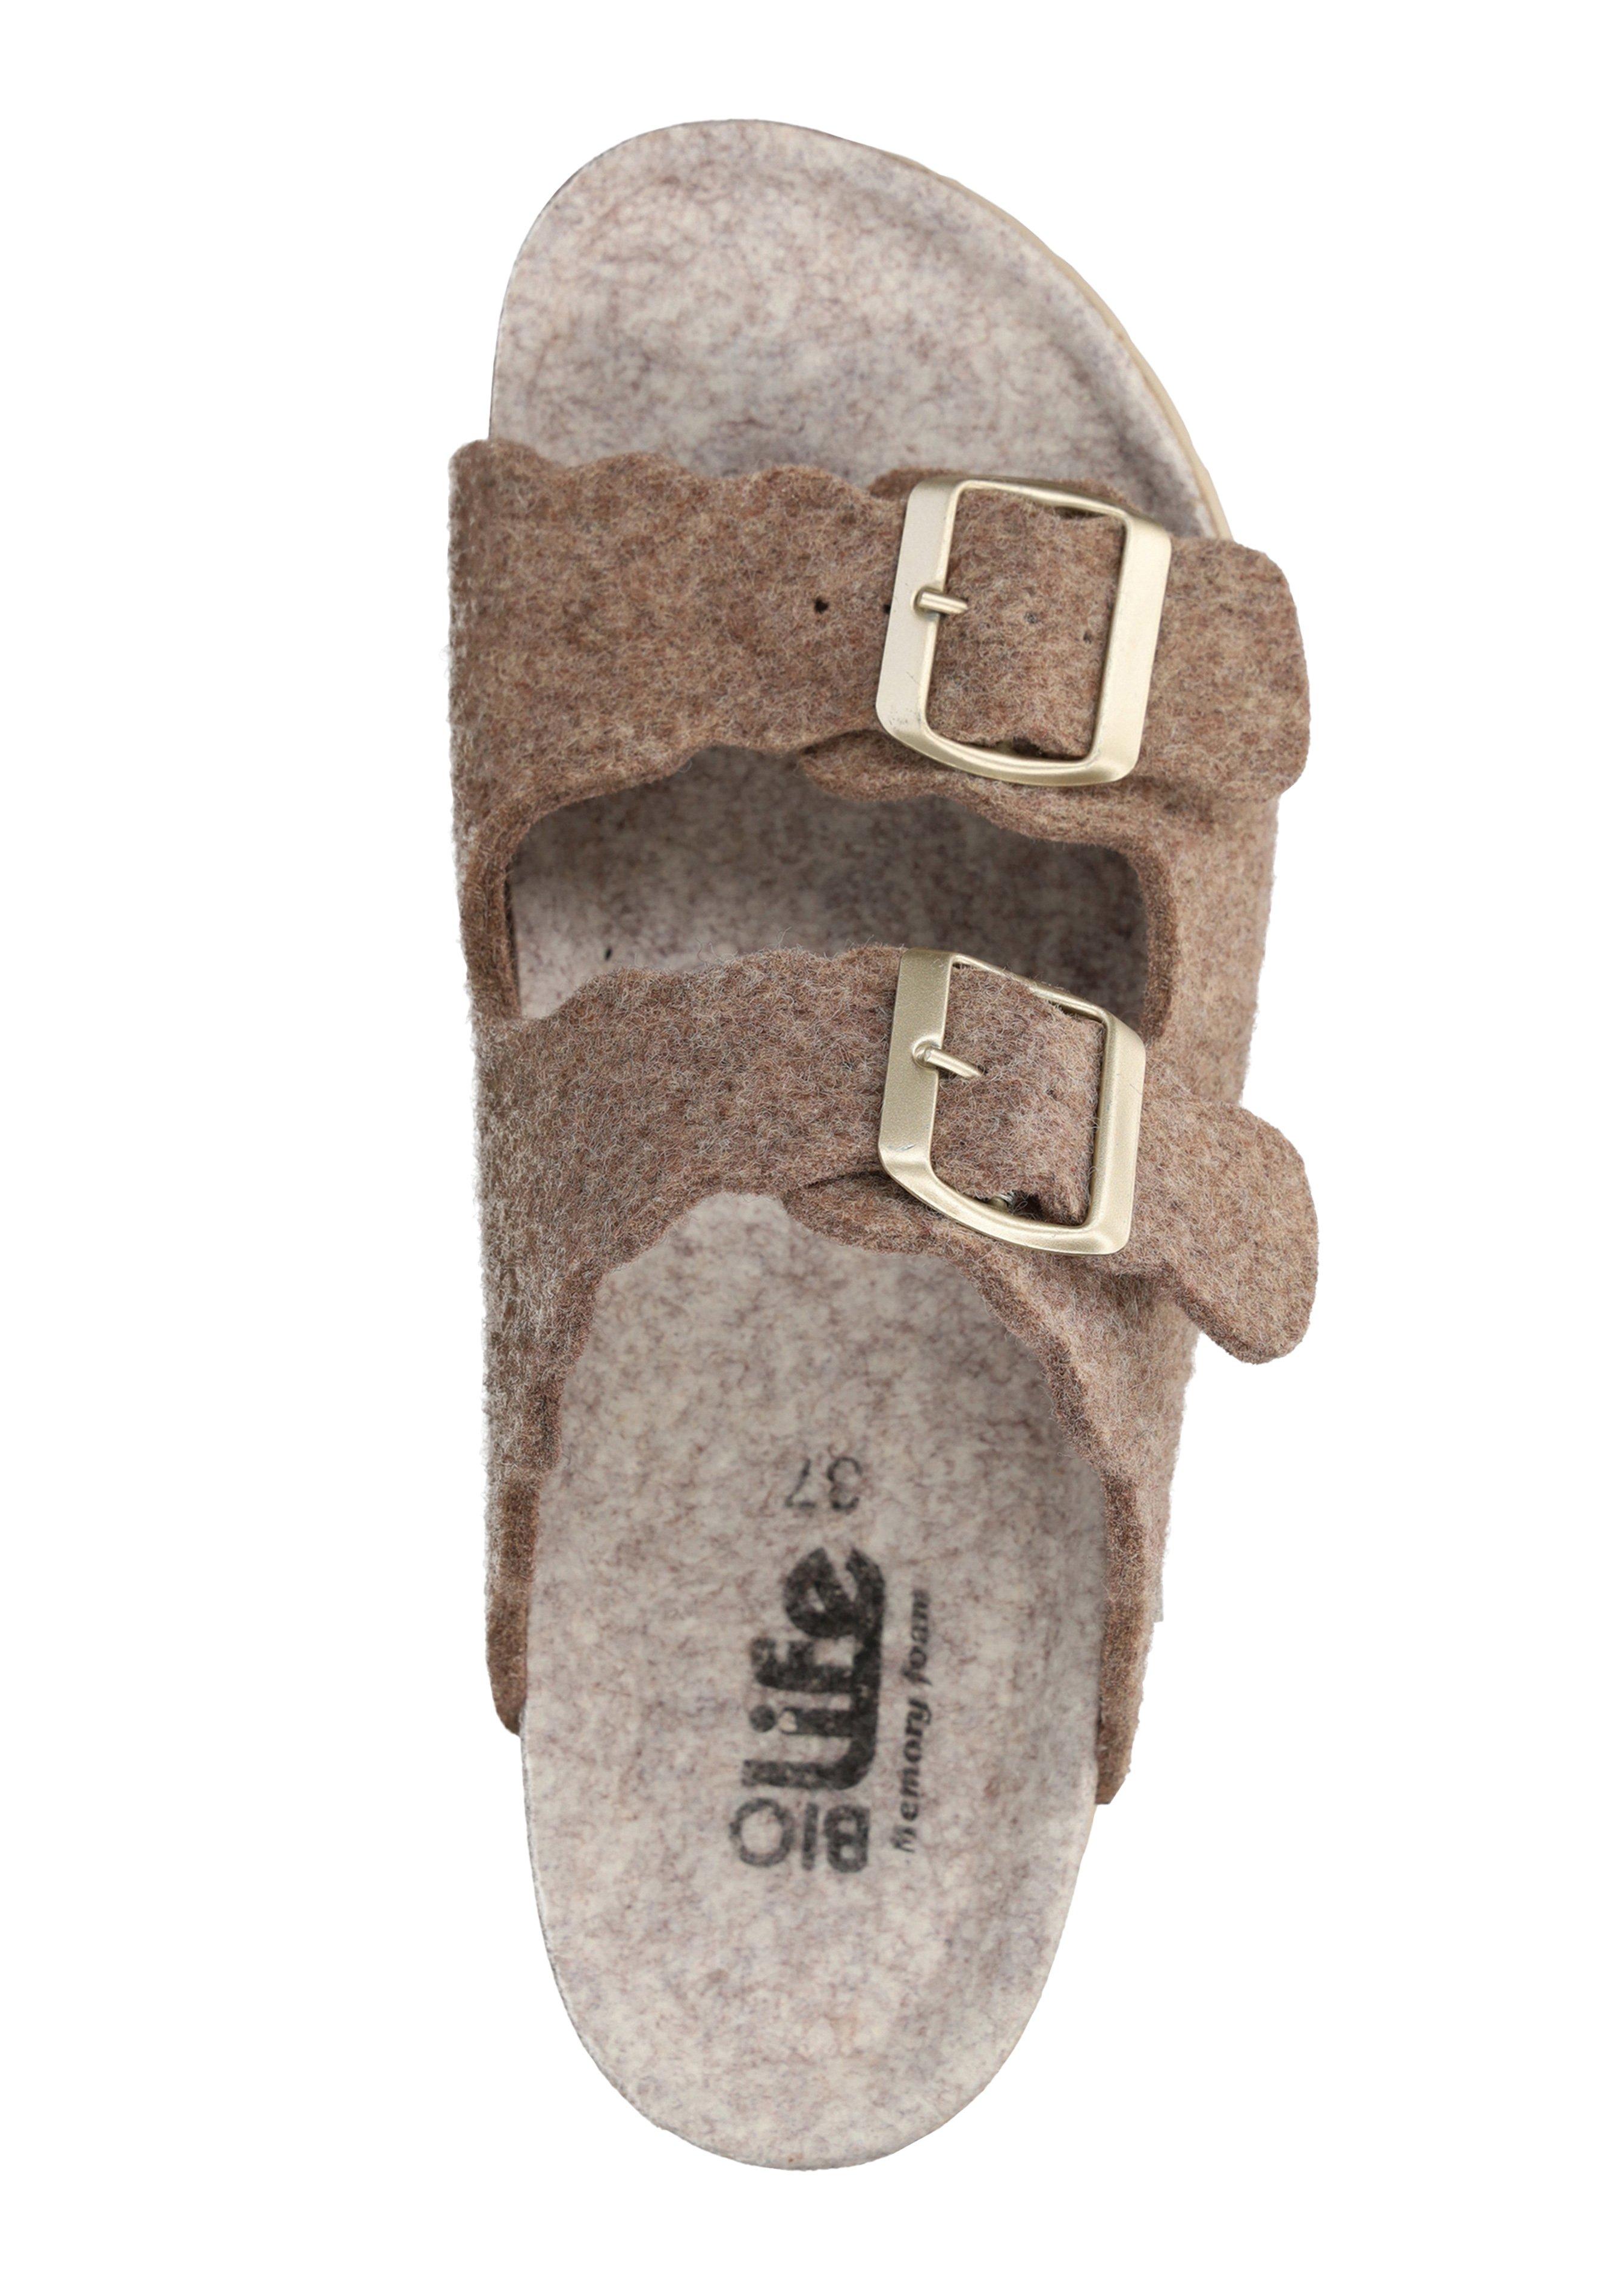 Sandales en feutre à assise plantaire creuse pour dames 43221743 2